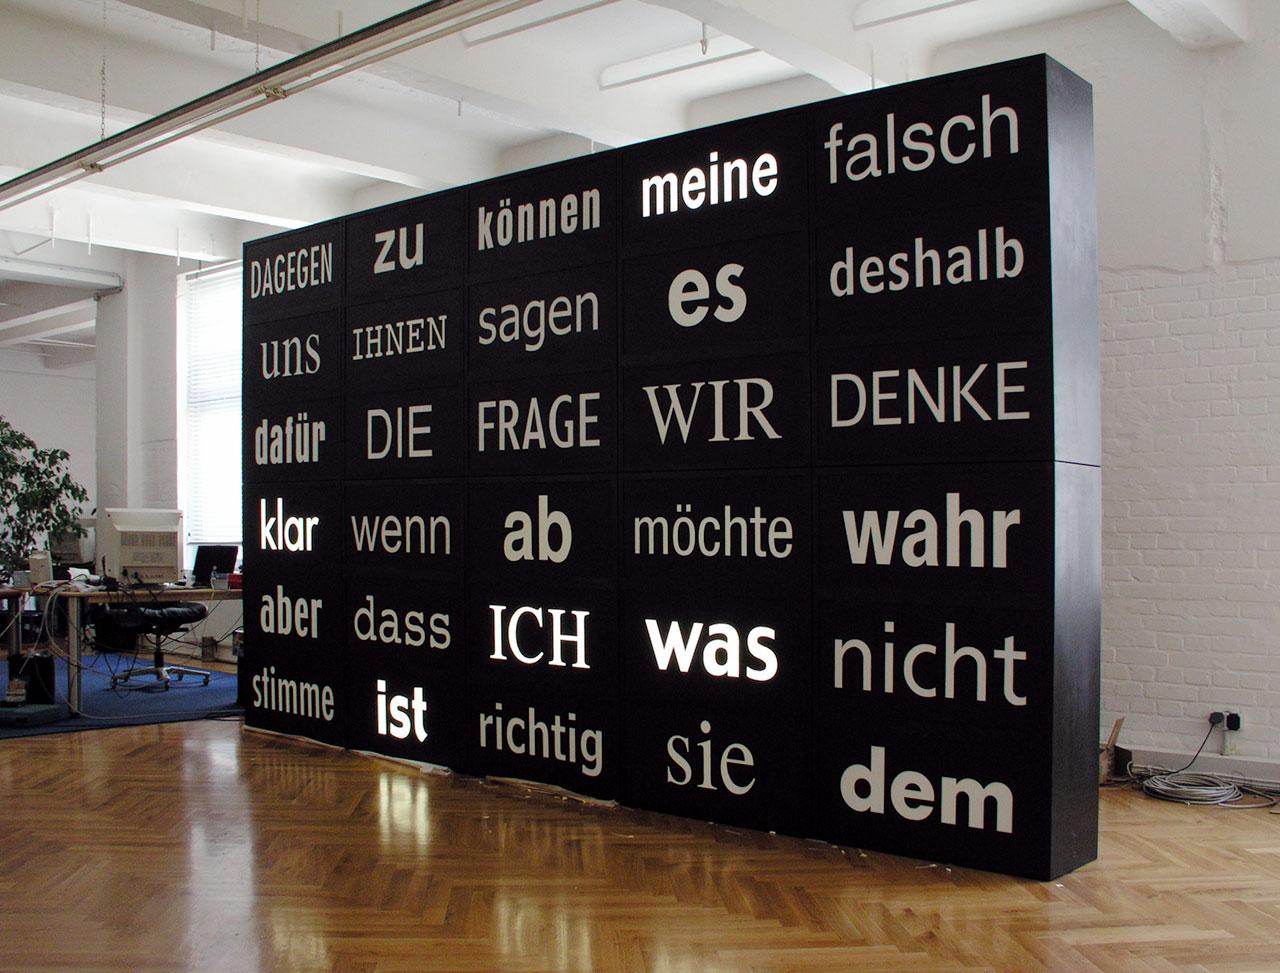 Image: Redezeit